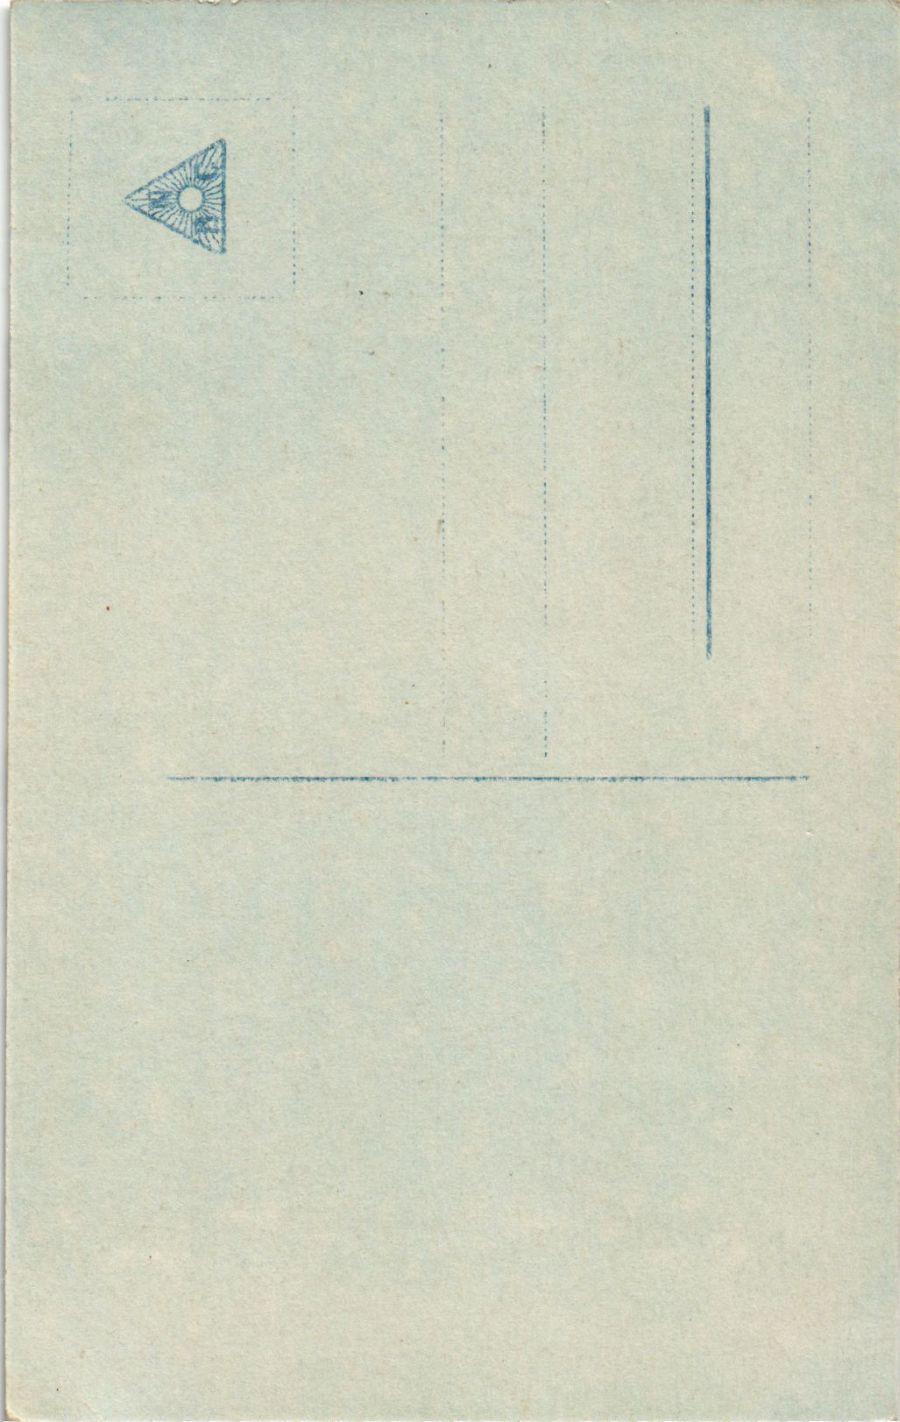 CPA-AK-Beisetzung-der-Kaiserin-Antiken-Tempel-GERMAN-ROYALTY-867453 Indexbild 2